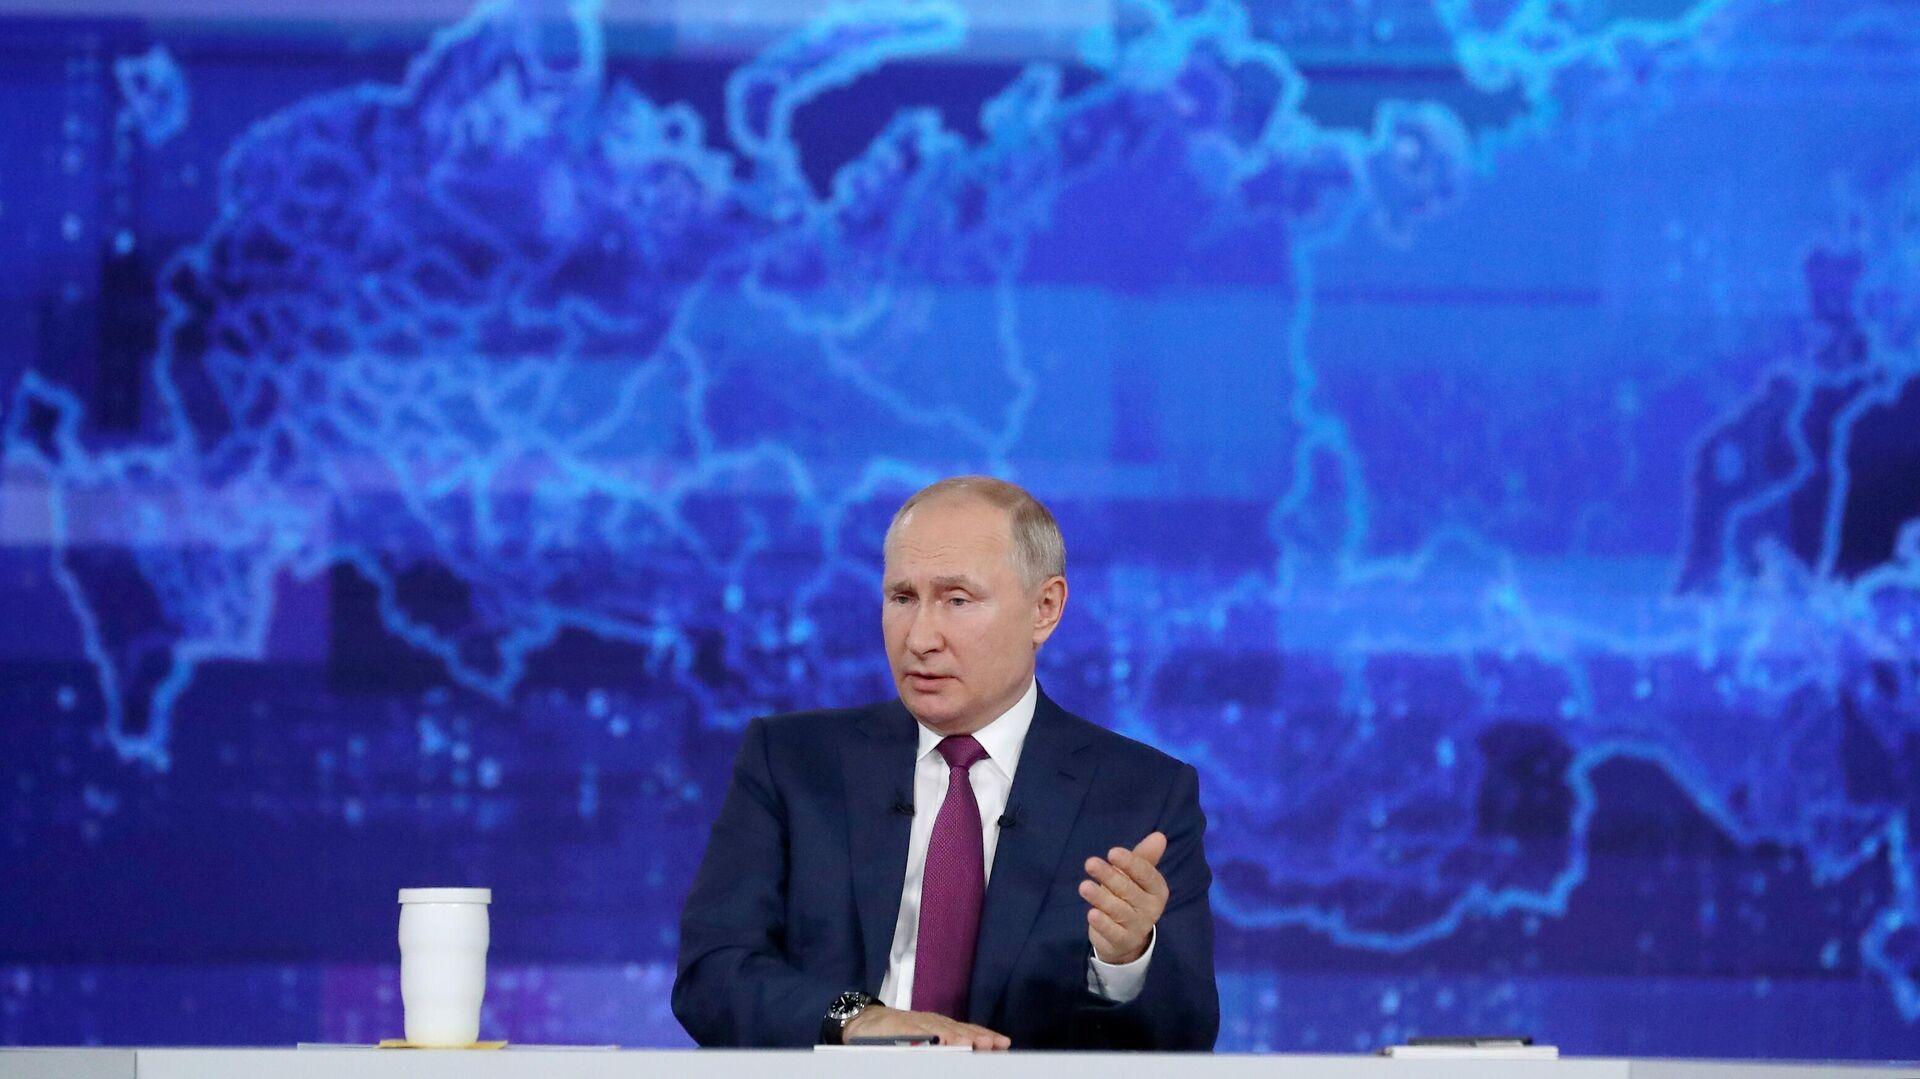 La linea diretta con Vladimir Putin - Sputnik Italia, 1920, 23.08.2021